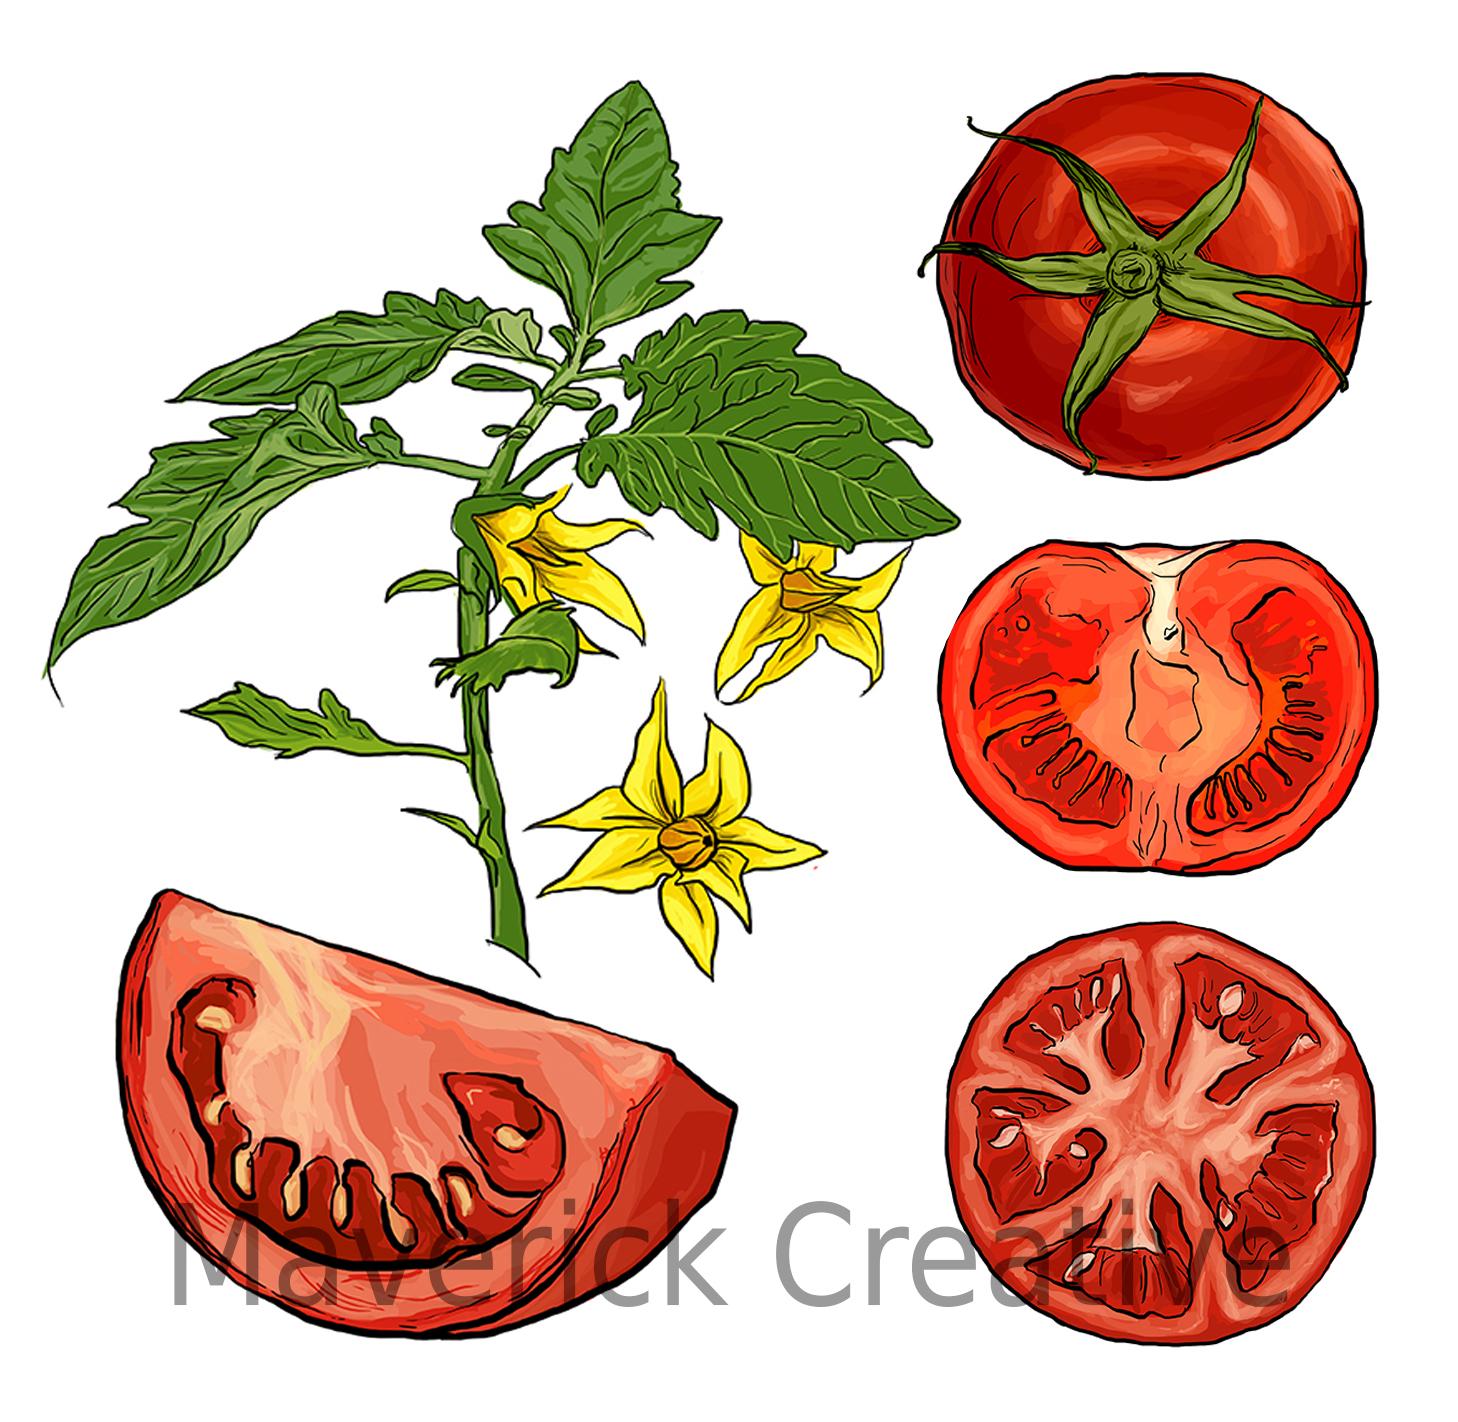 tomato_72dpiwatermark